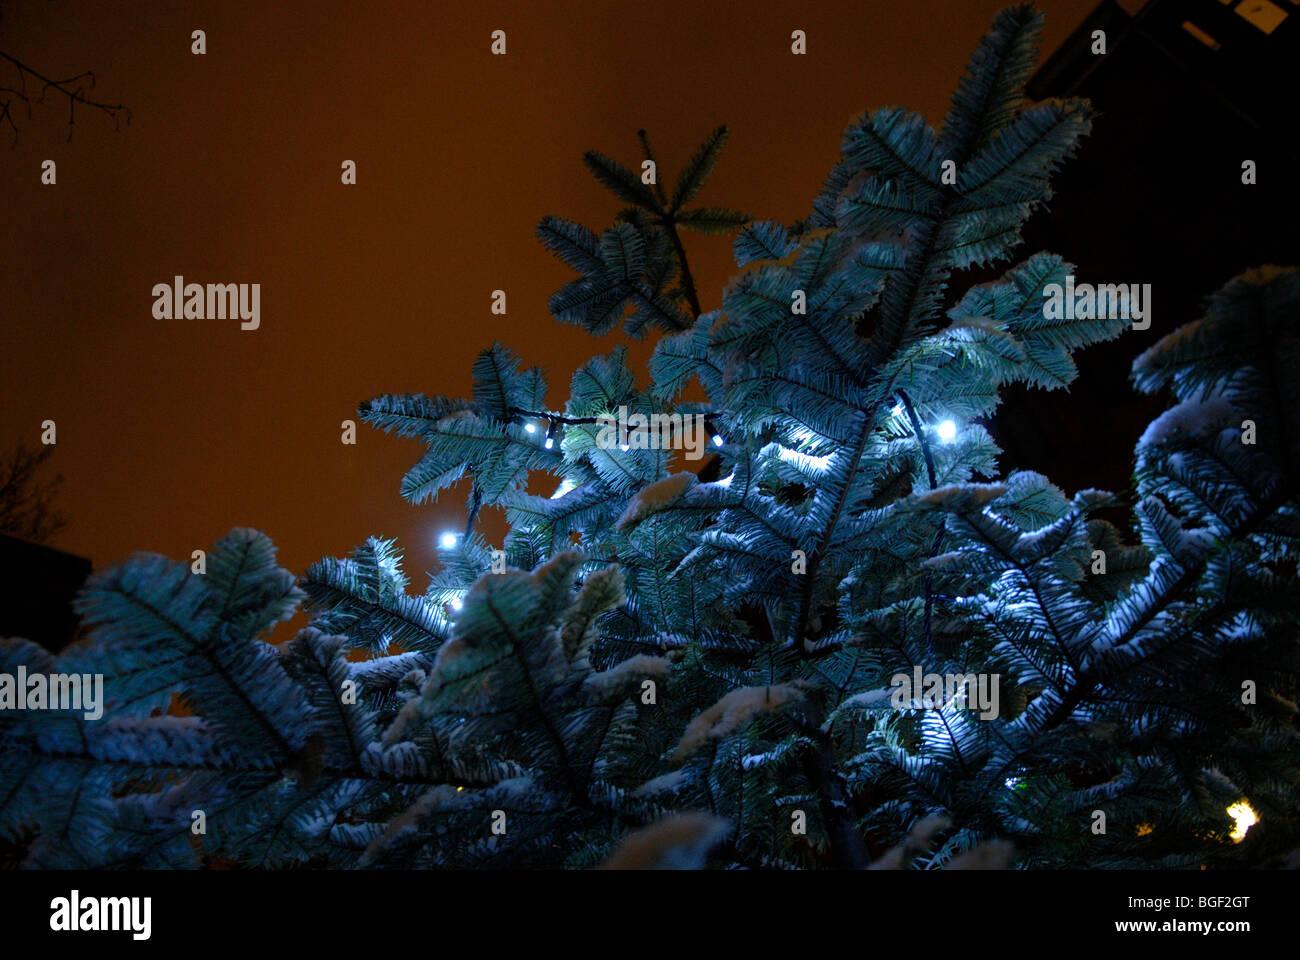 Árbol de Navidad en el exterior Imagen De Stock